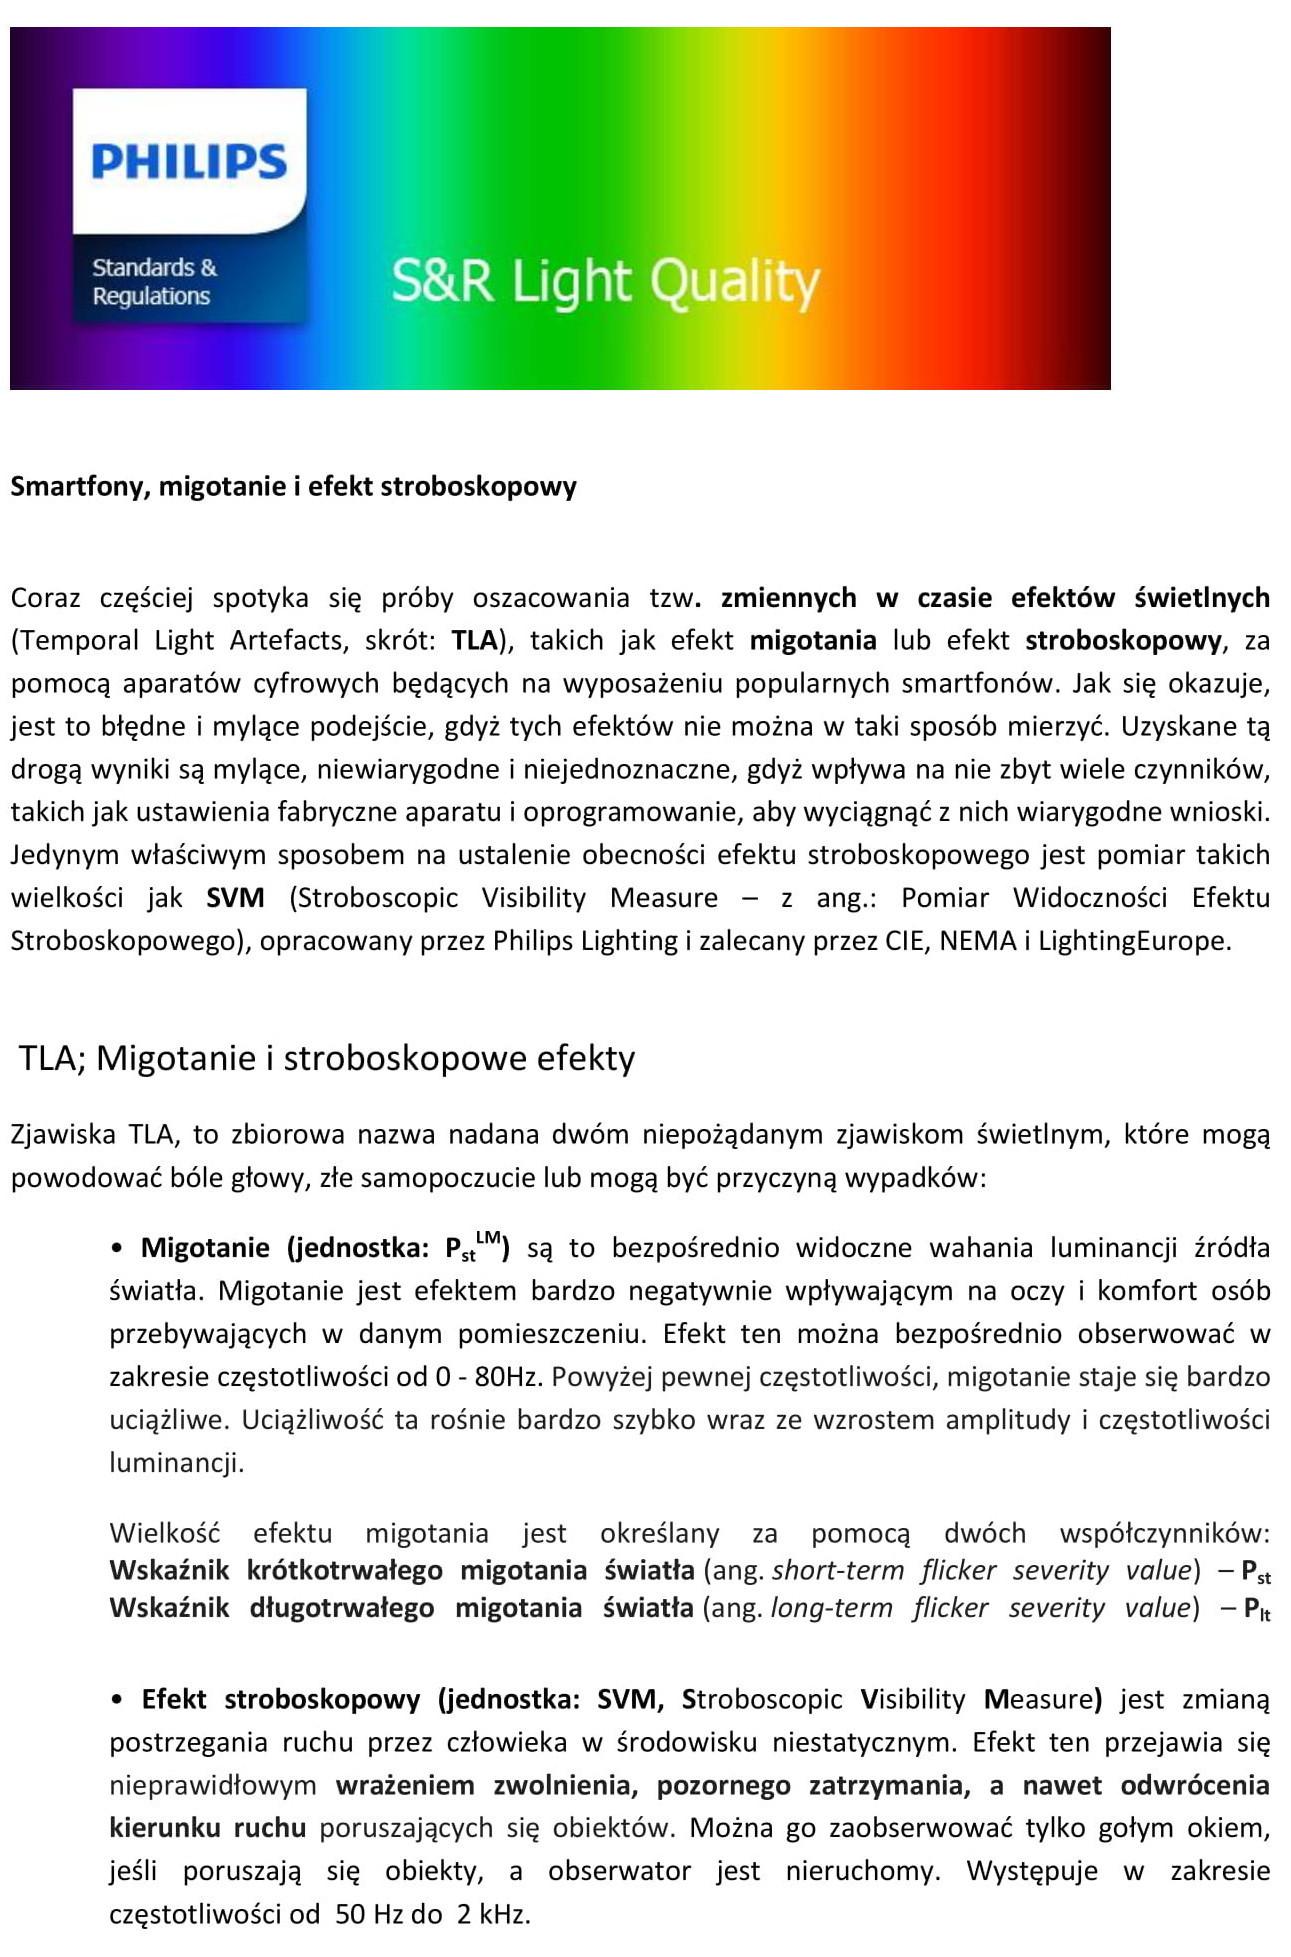 Smartfony Migotanie i Efekt stroboskopowy-1